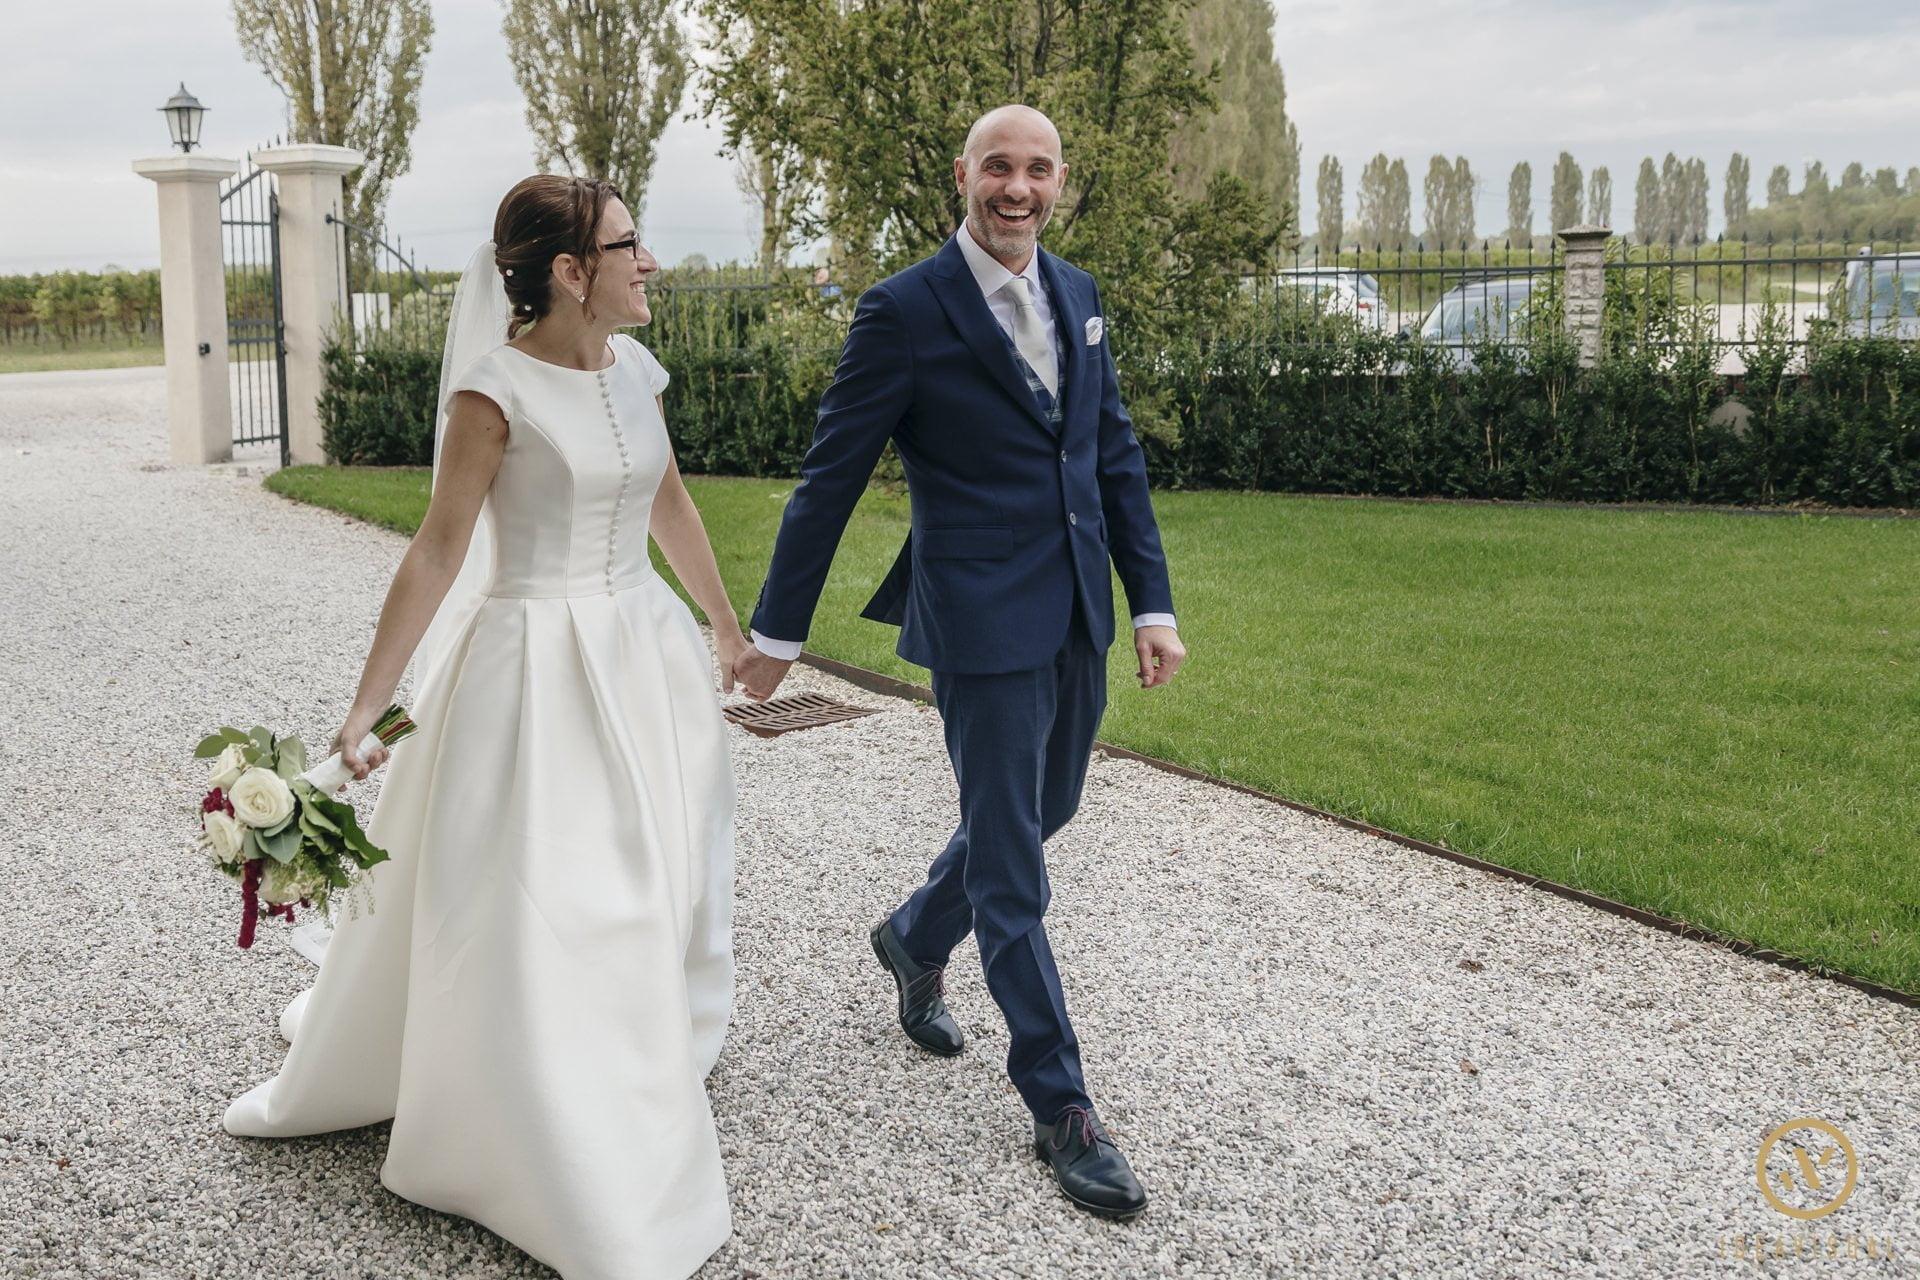 ingresso sposi villa matrimonio tenuta polvaro